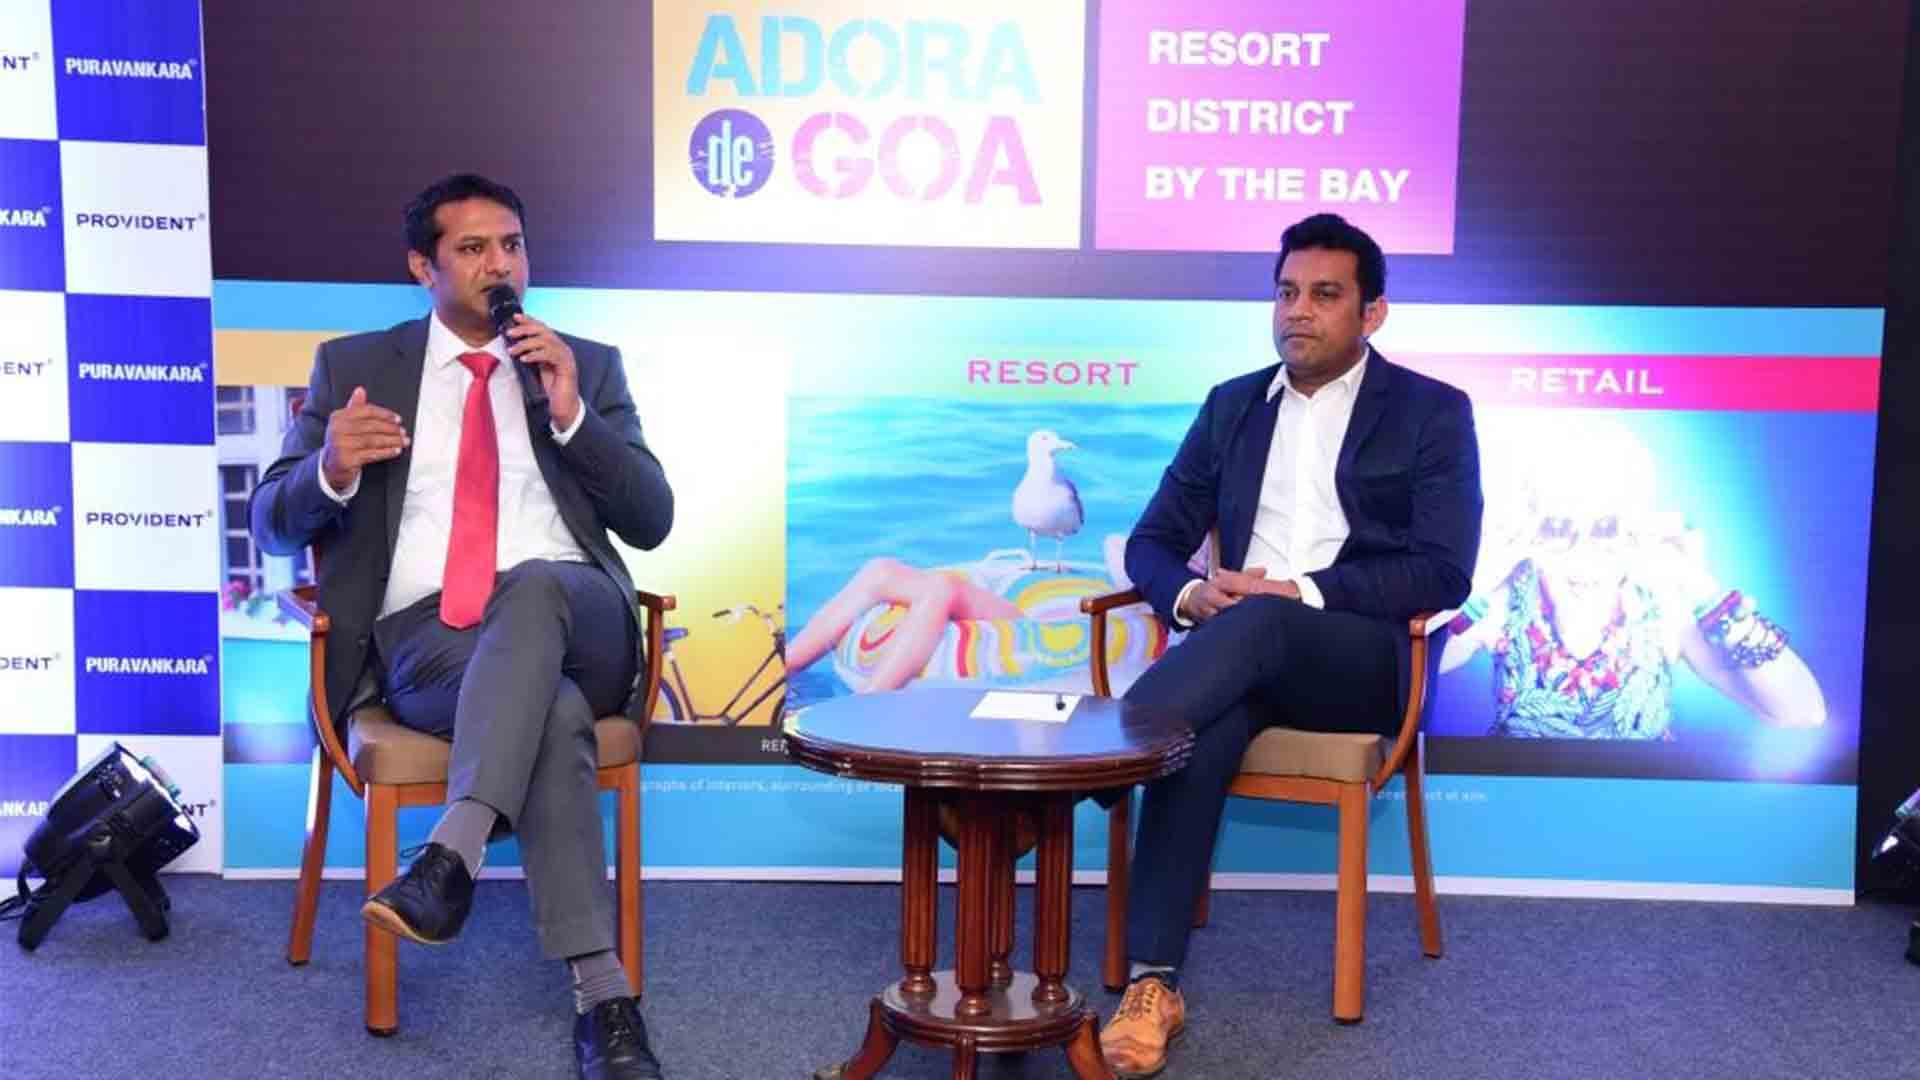 Puravankara Ltd. Enters Goa With Adora De Goa